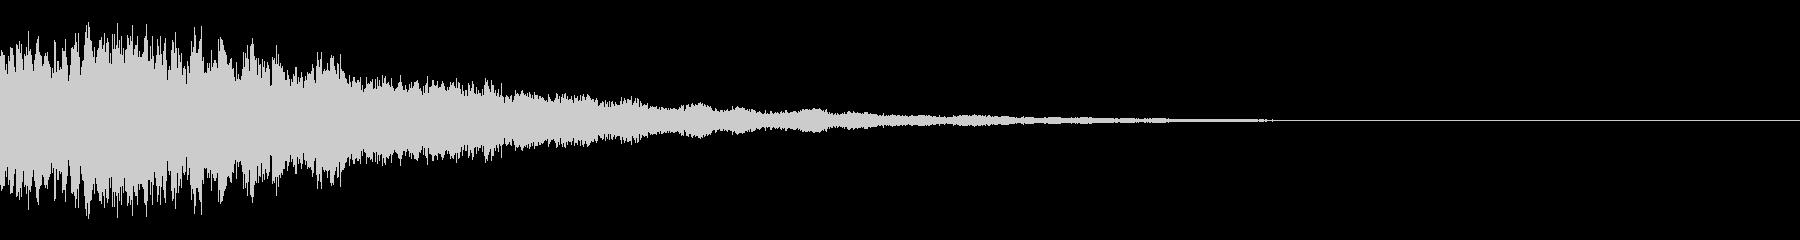 システム音(キラーン/決定/獲得/光るの未再生の波形